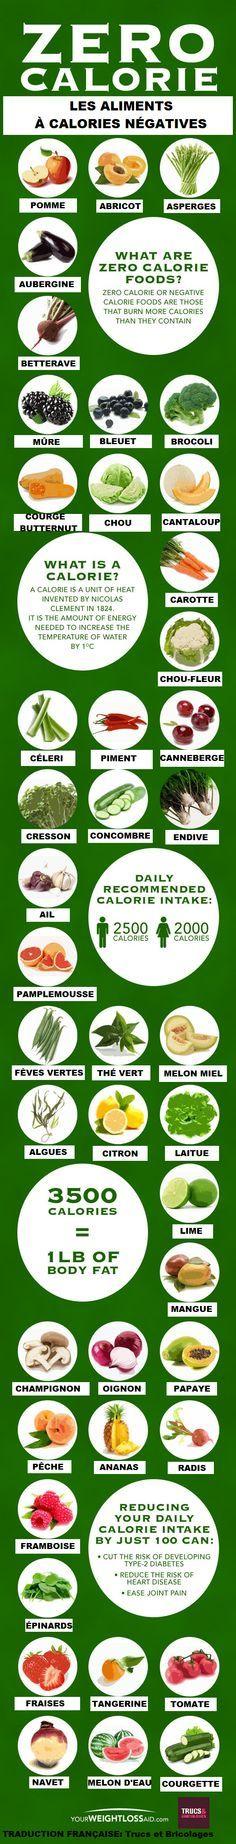 Aujourd'hui, on a pensé à tous ceux qui ont pris des résolutions 2015 pourperdre du poids ou être plus en santé. On a un truc génial pour vous: intégrer davantage les aliments à calories négatives àvotre alimentation! Les aliments à calories négati